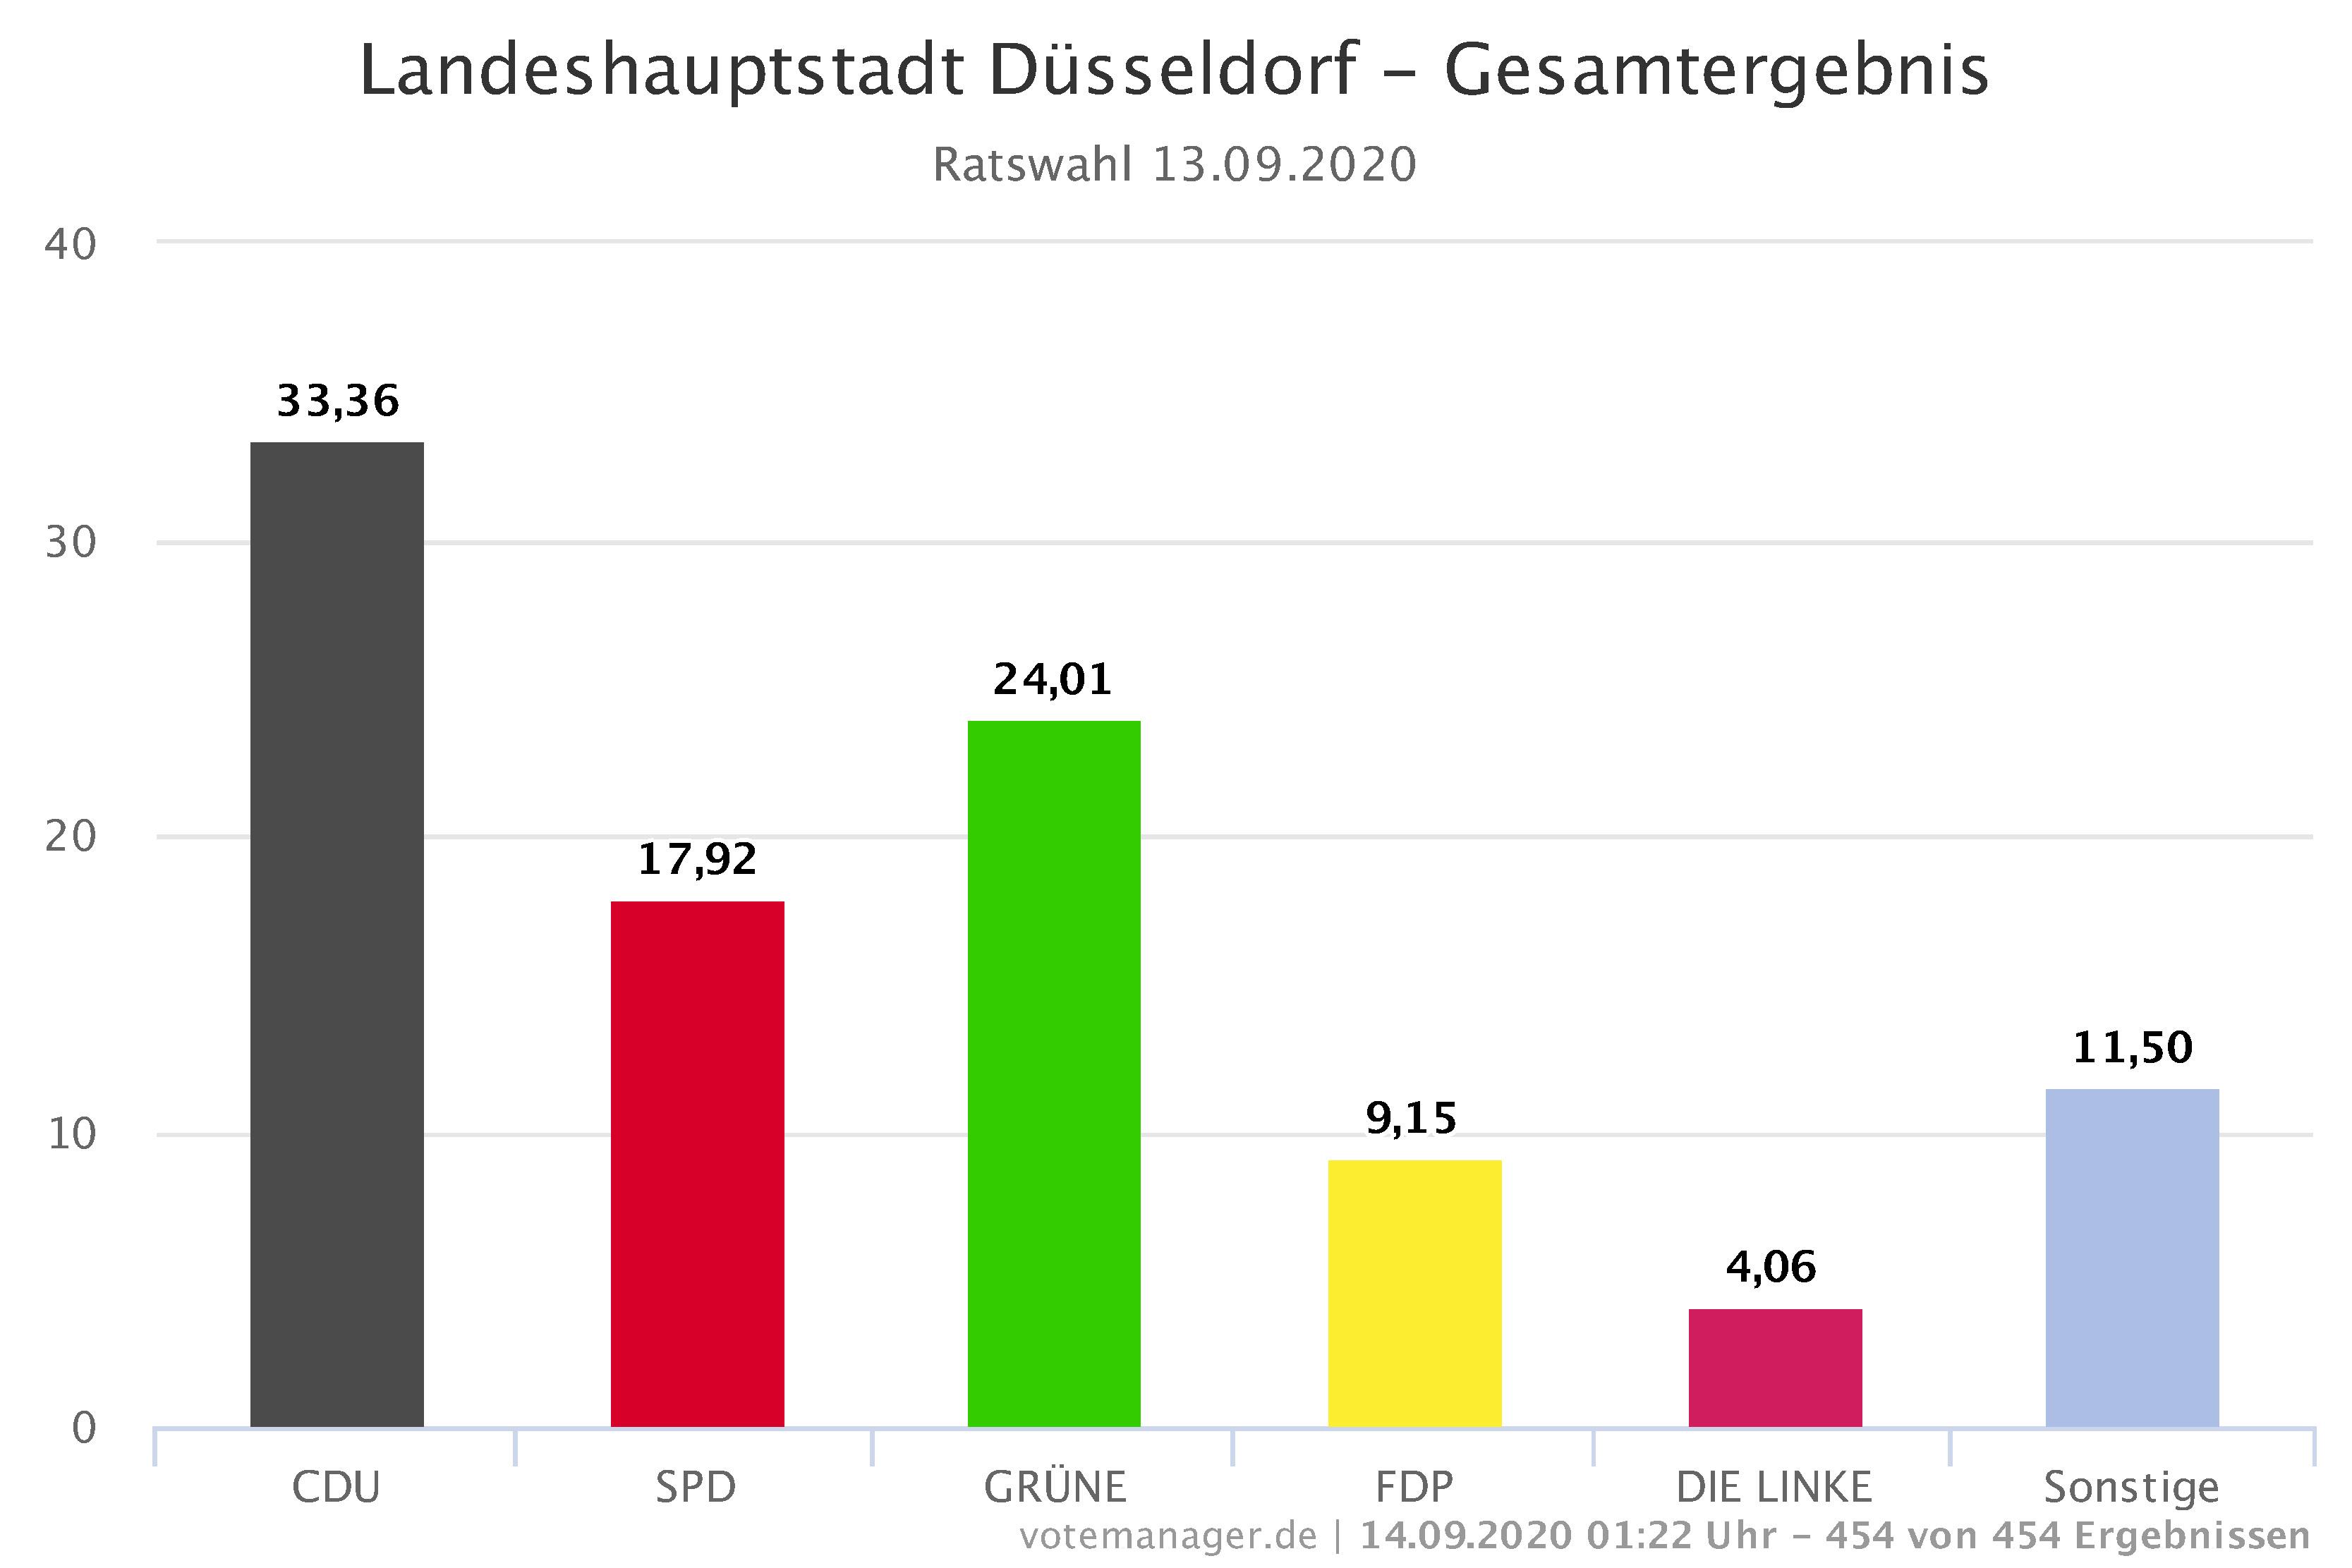 Stärkste Kraft im Düsseldorfer Stadtrat ist nach der Wahl die CDU, gefolgt von Bündnis 90/Die Grünen und der SPD (Quelle: Landeshauptstadt Düsseldorf)